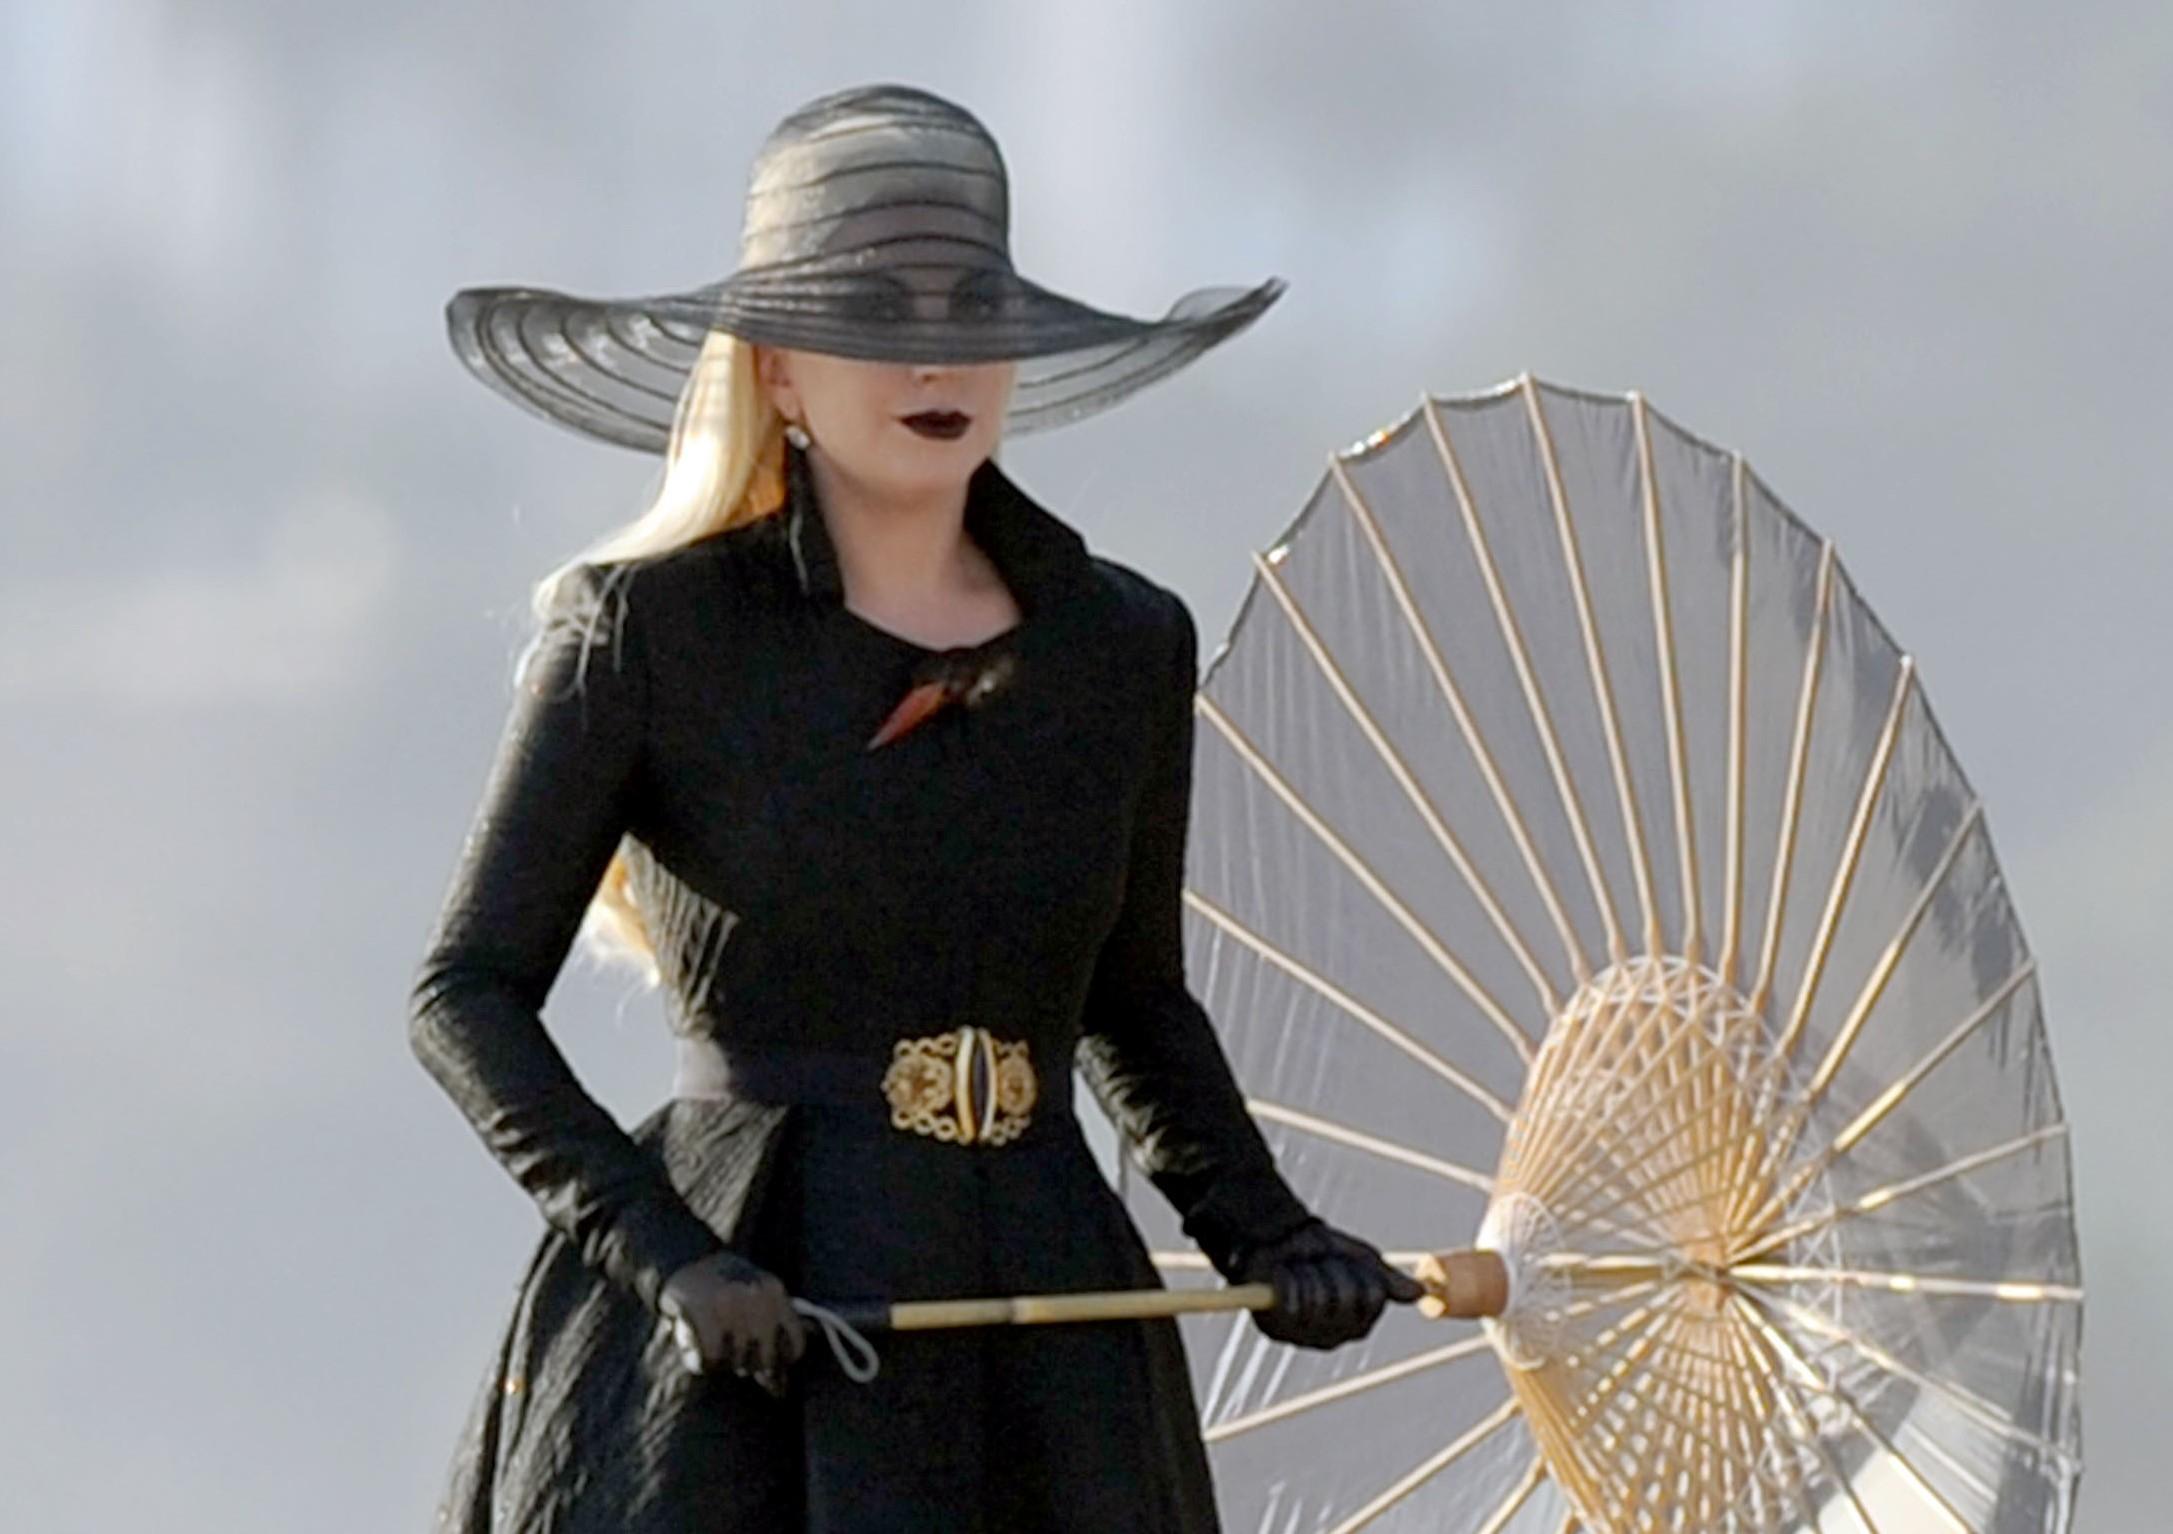 Lady Gaga sur le tournage d'AHS – Part 1